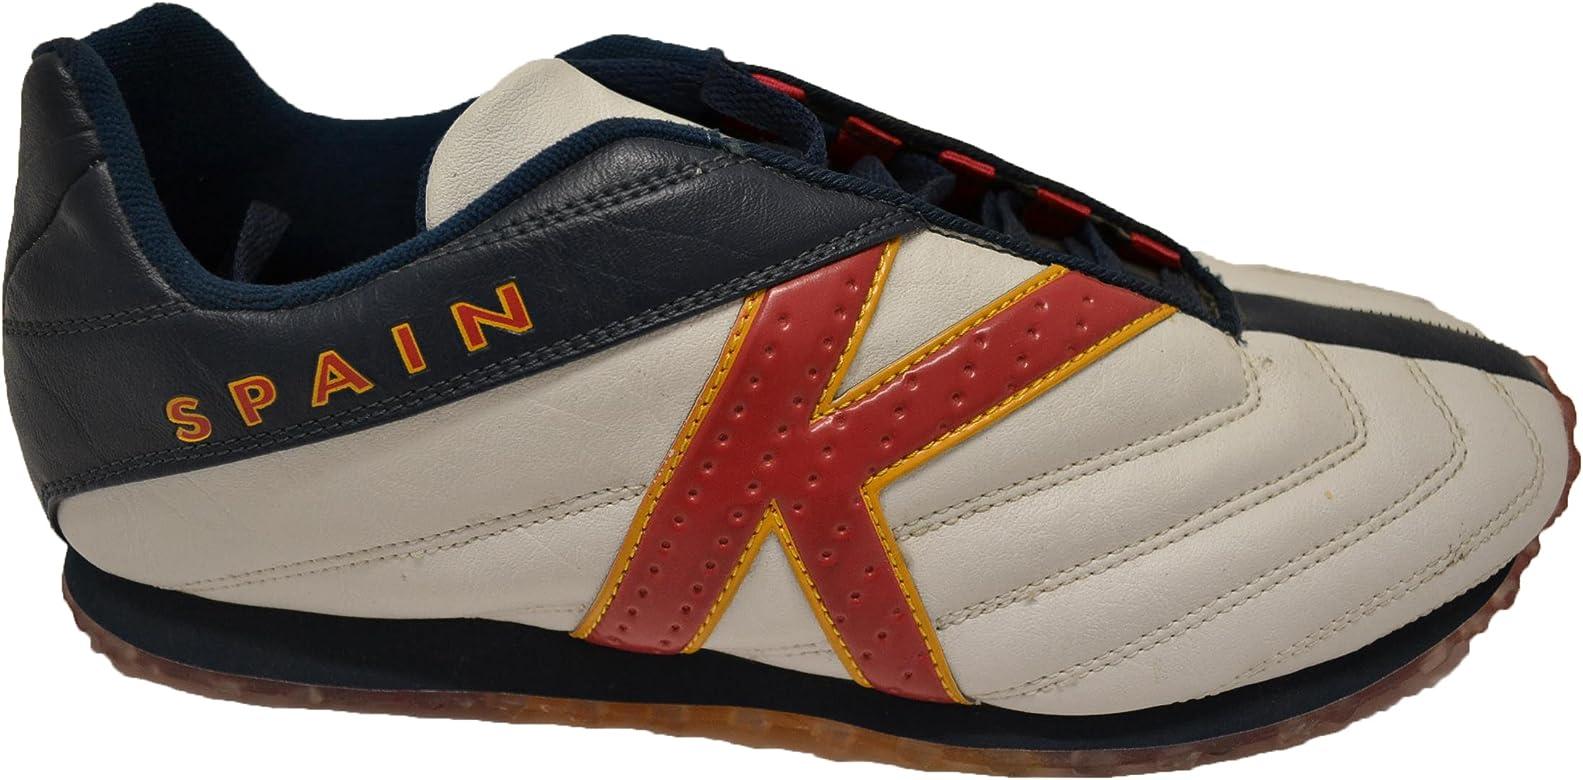 Kelme Mundial Spain - Zapatilla Deportiva de Tiempo Libre. Talla 44: Amazon.es: Zapatos y complementos